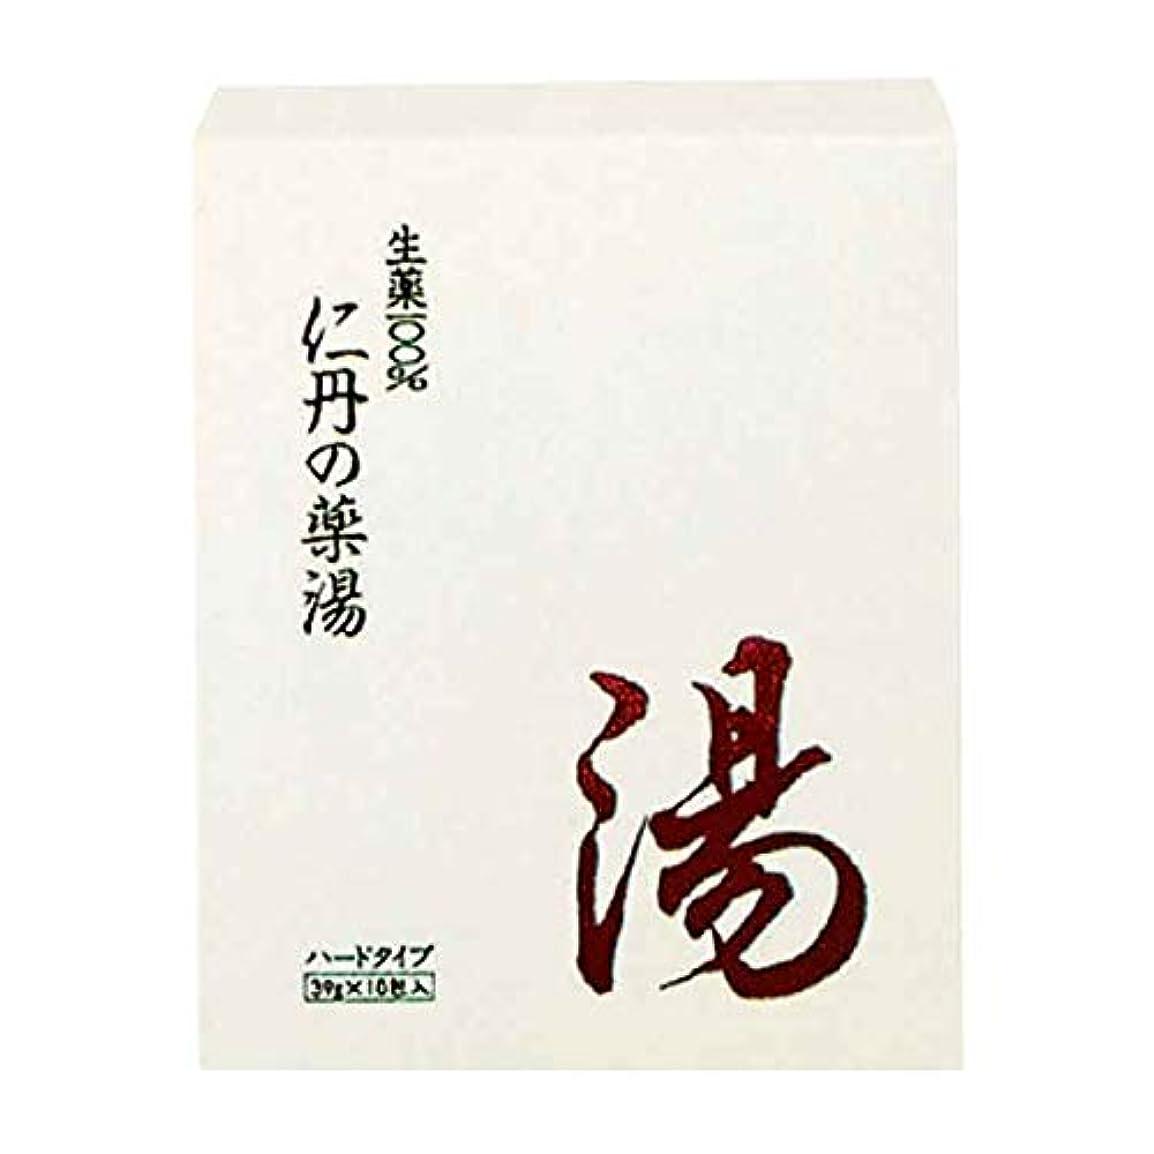 キャラバン腐食する五森下仁丹 仁丹の薬湯(ハード) 10包 [医薬部外品]